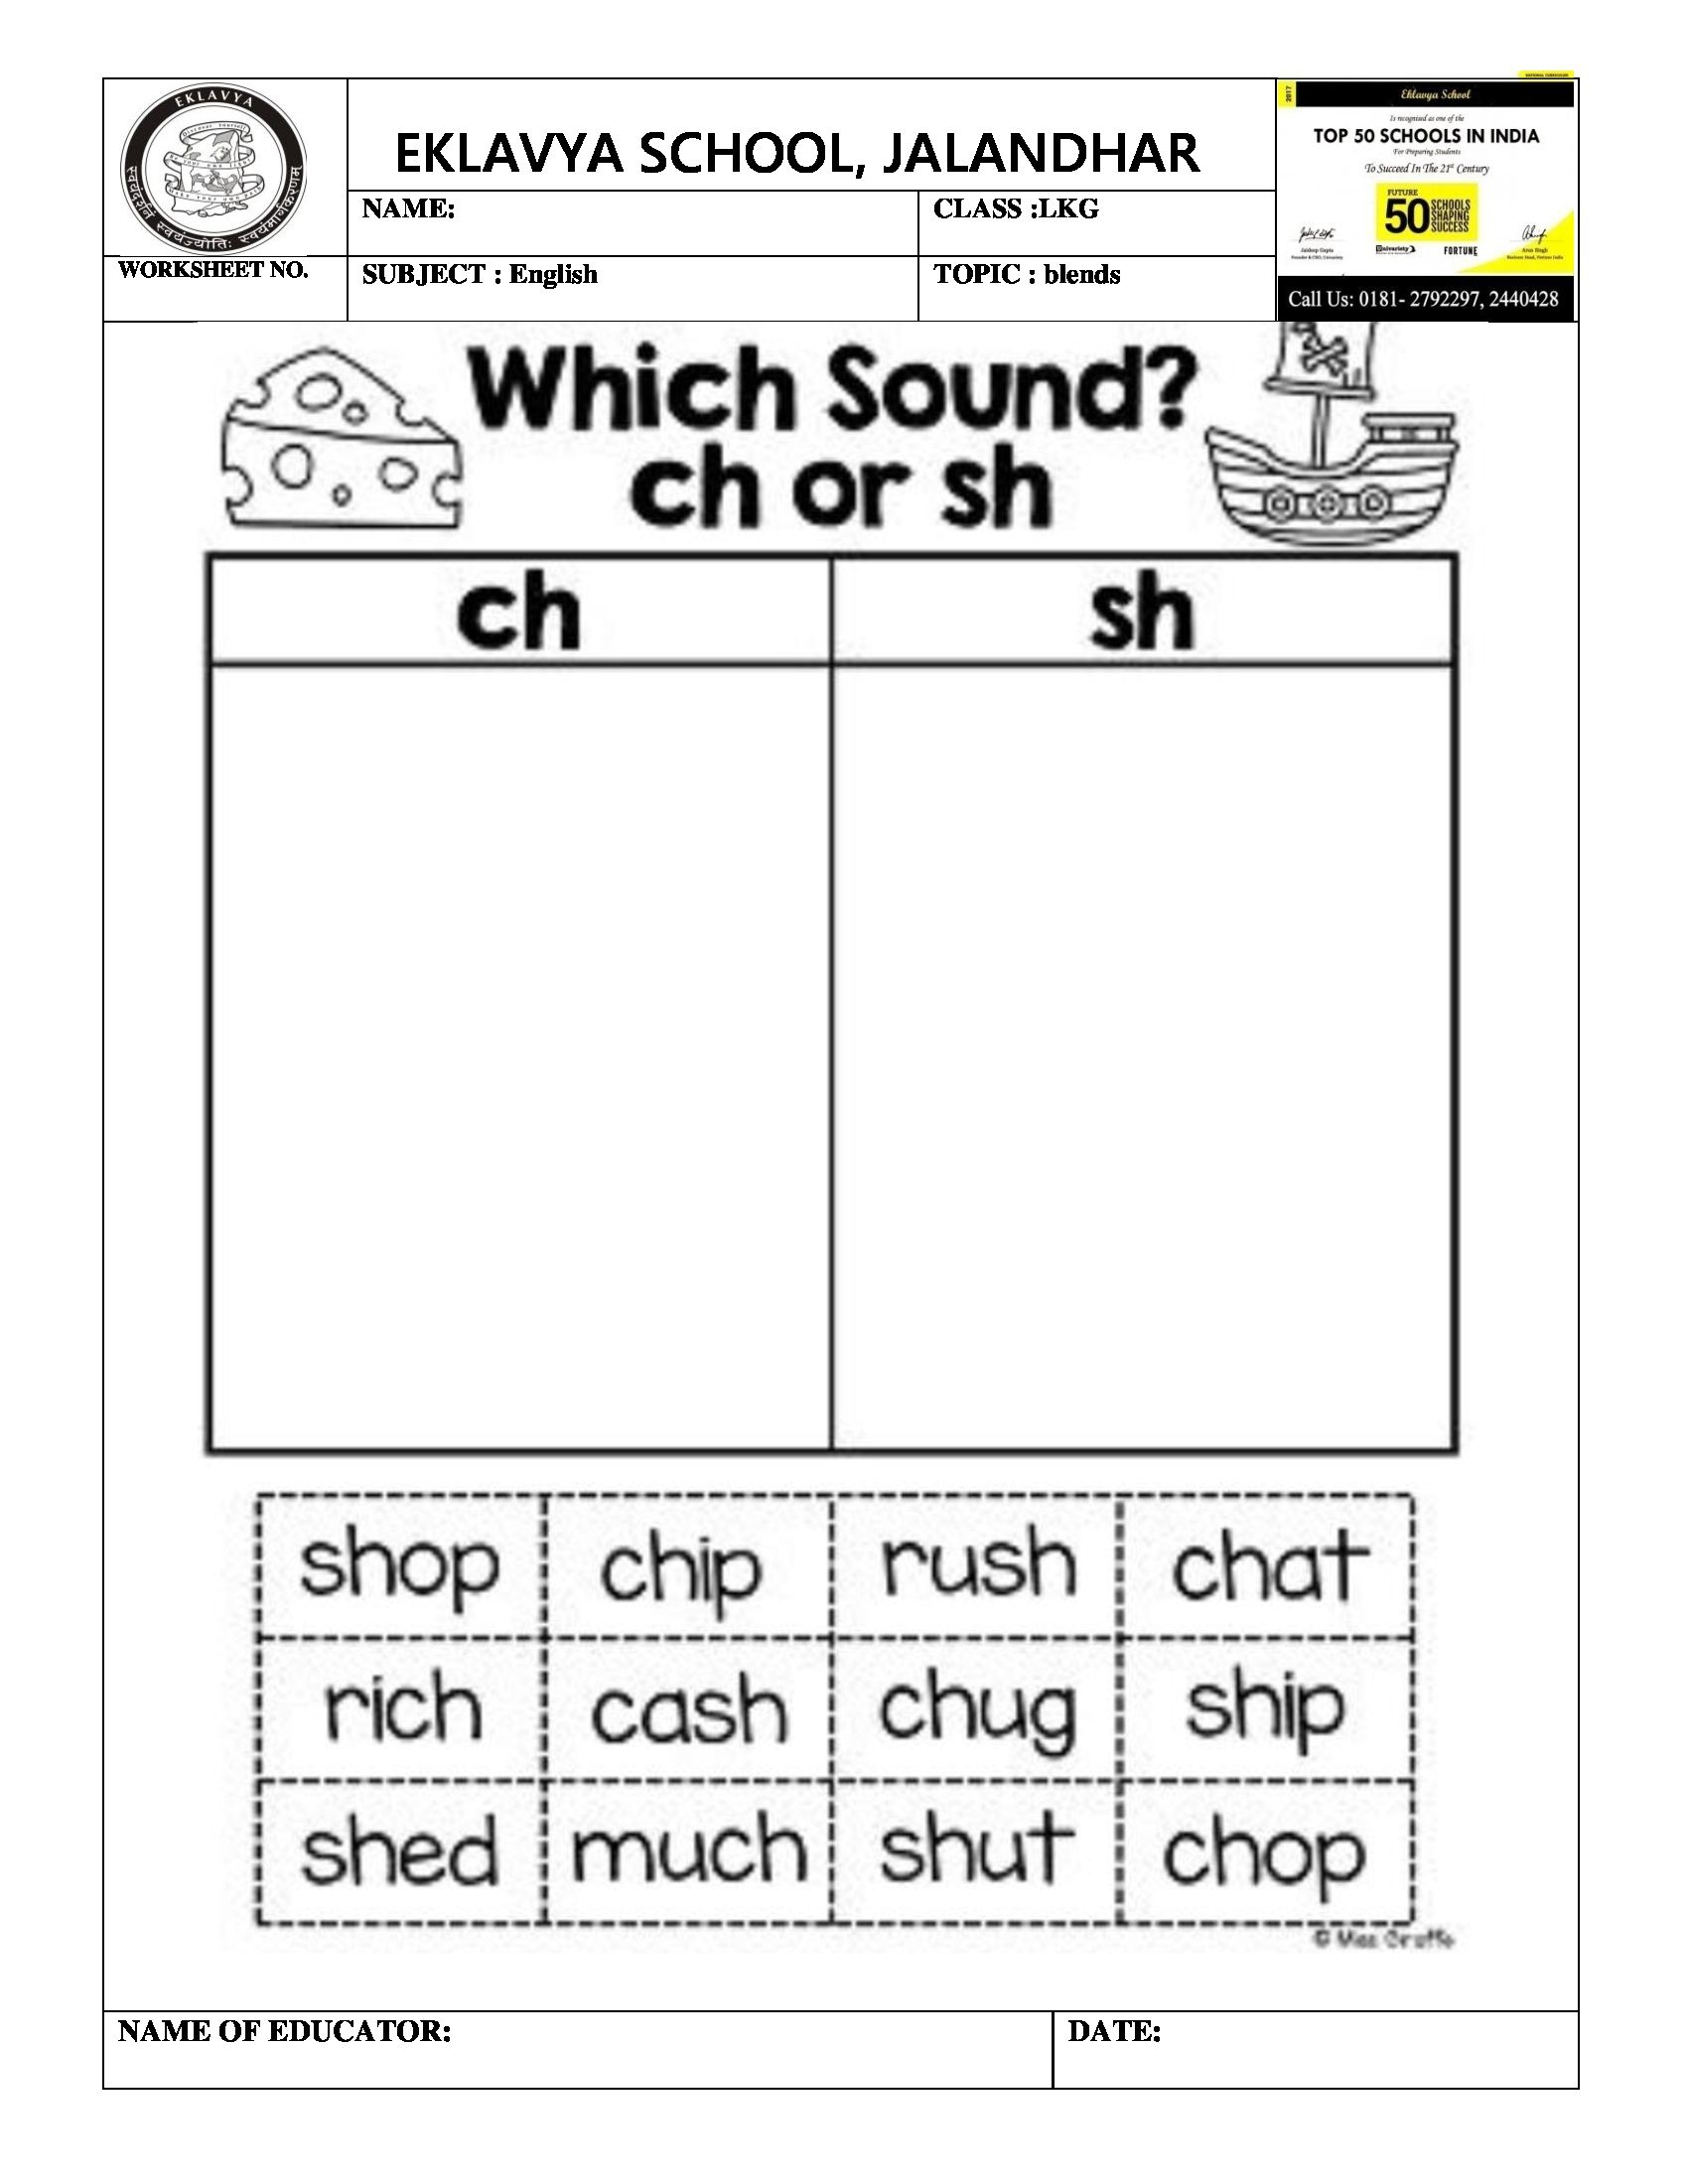 Worksheet On Blends Blends Worksheets Kindergarten Worksheets Kindergarten Worksheets Printable [ 2200 x 1700 Pixel ]